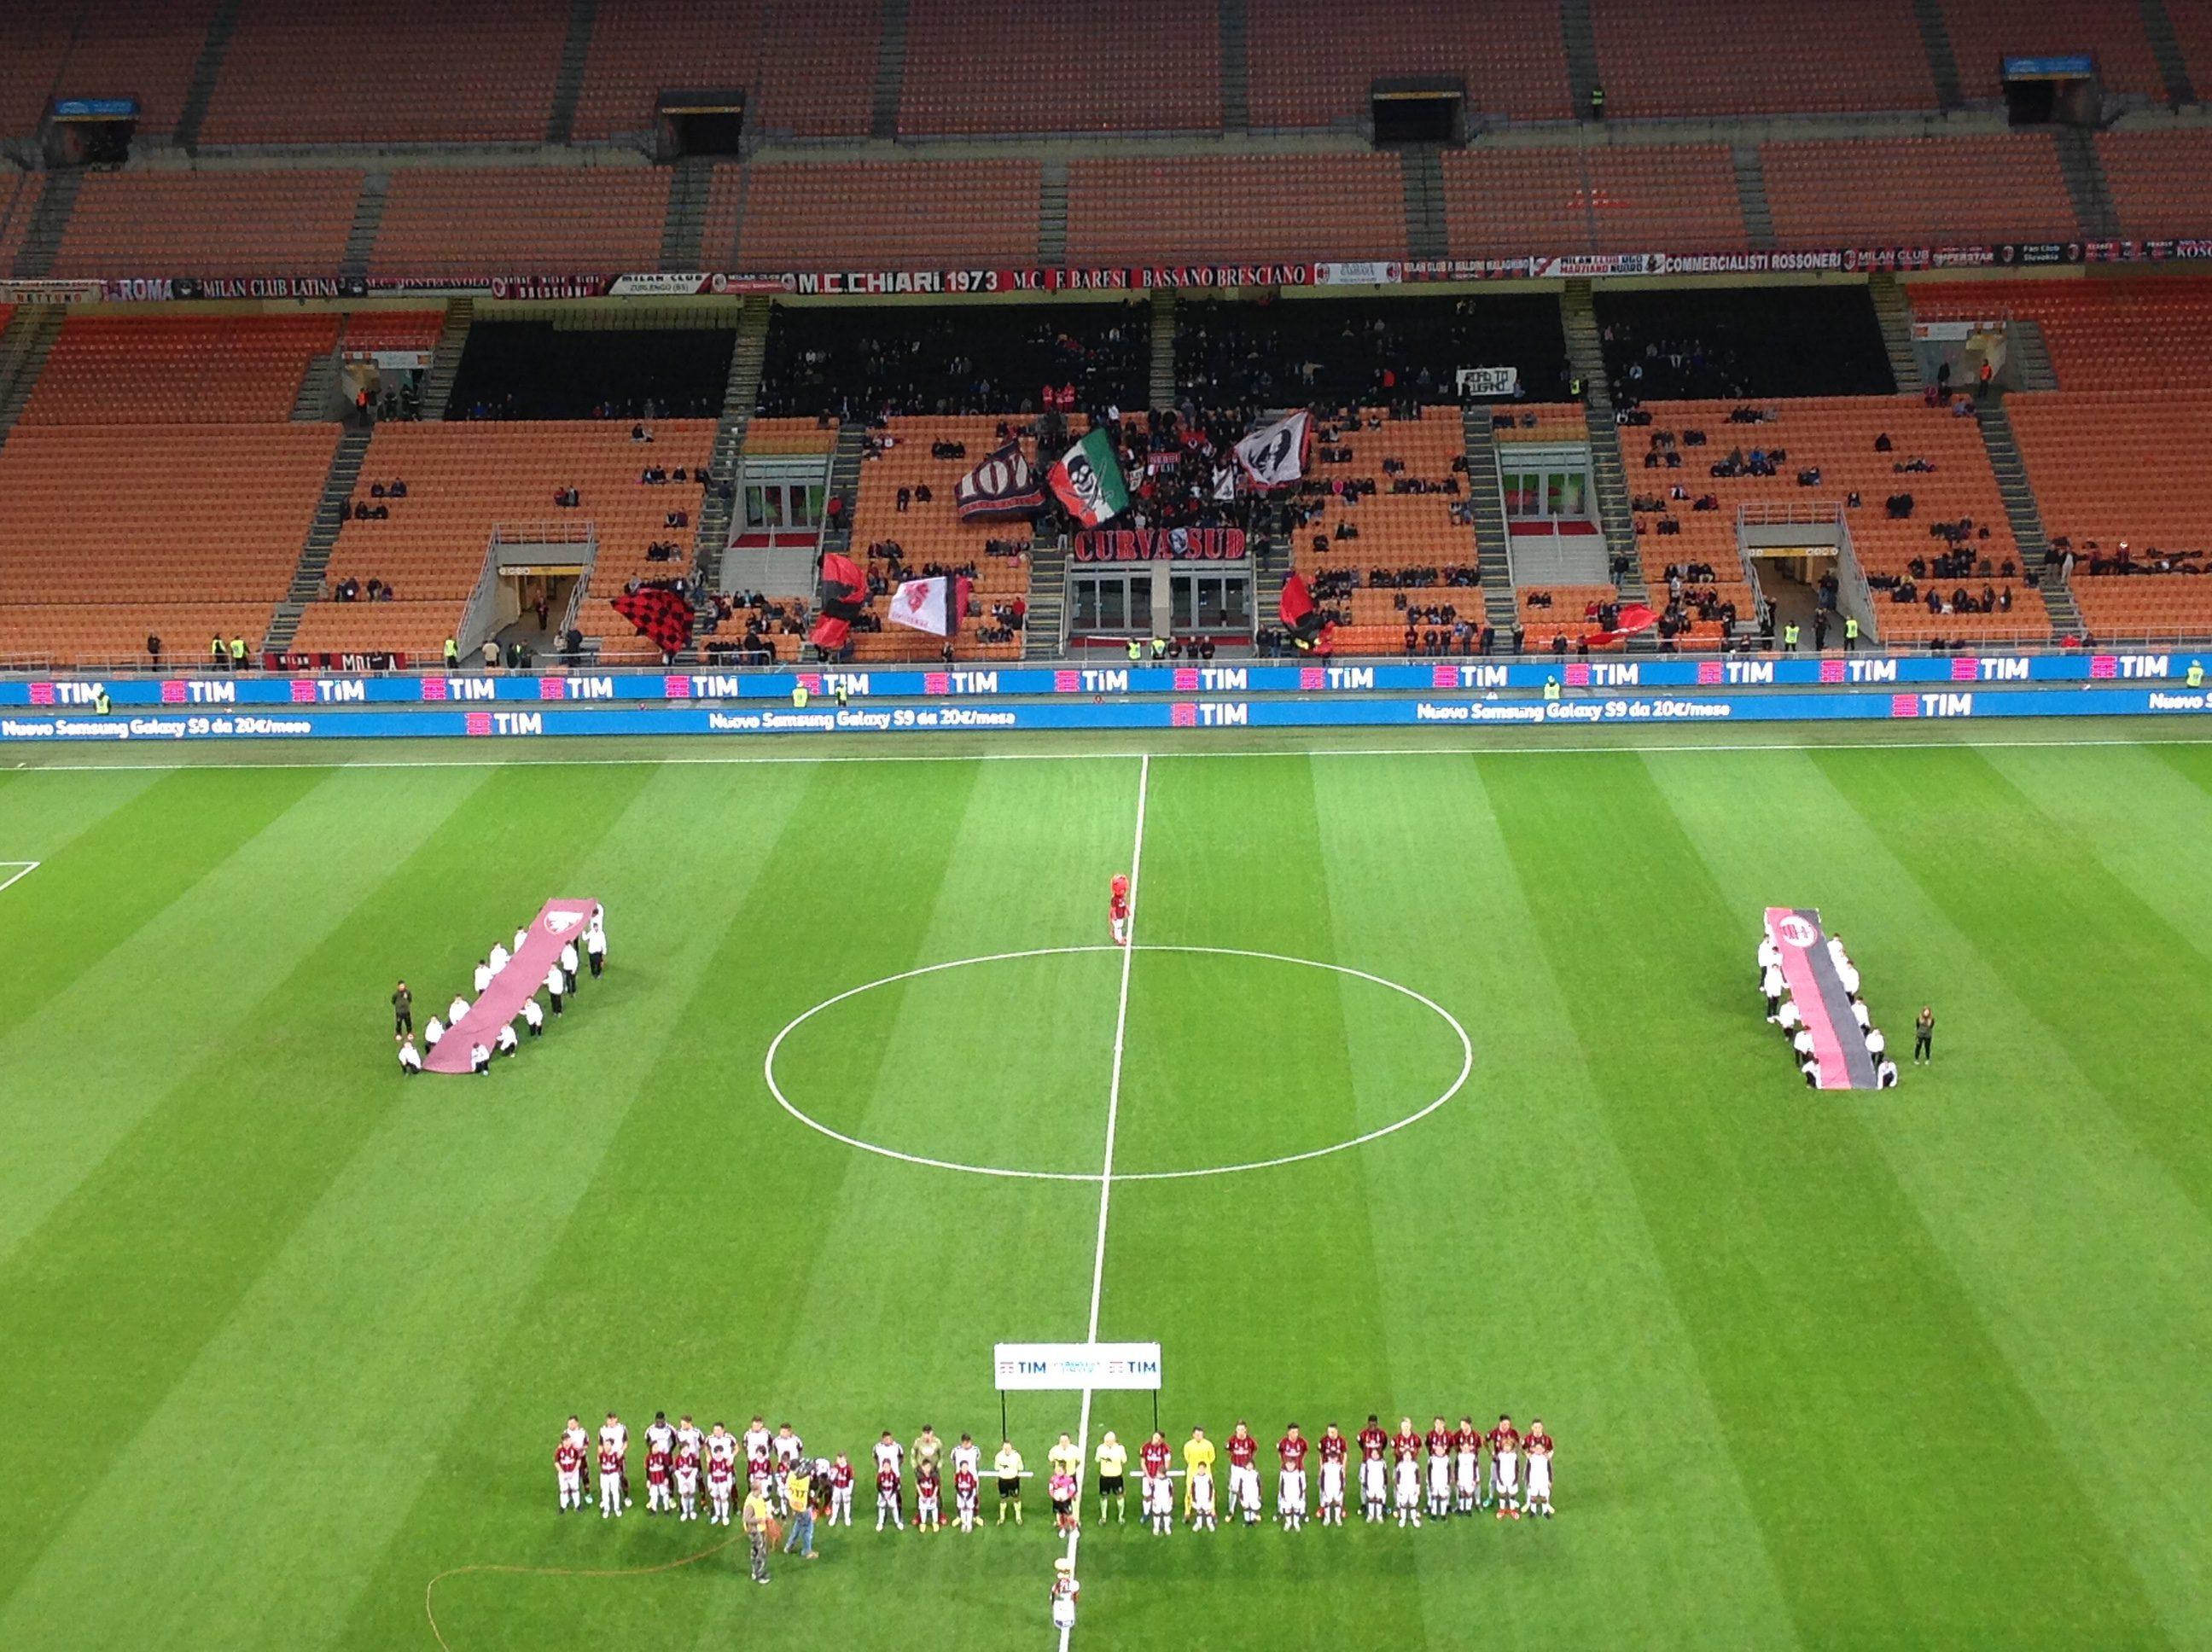 Finale ritorno Coppa Italia Primavera, Milan-Torino: dove vederla in TV